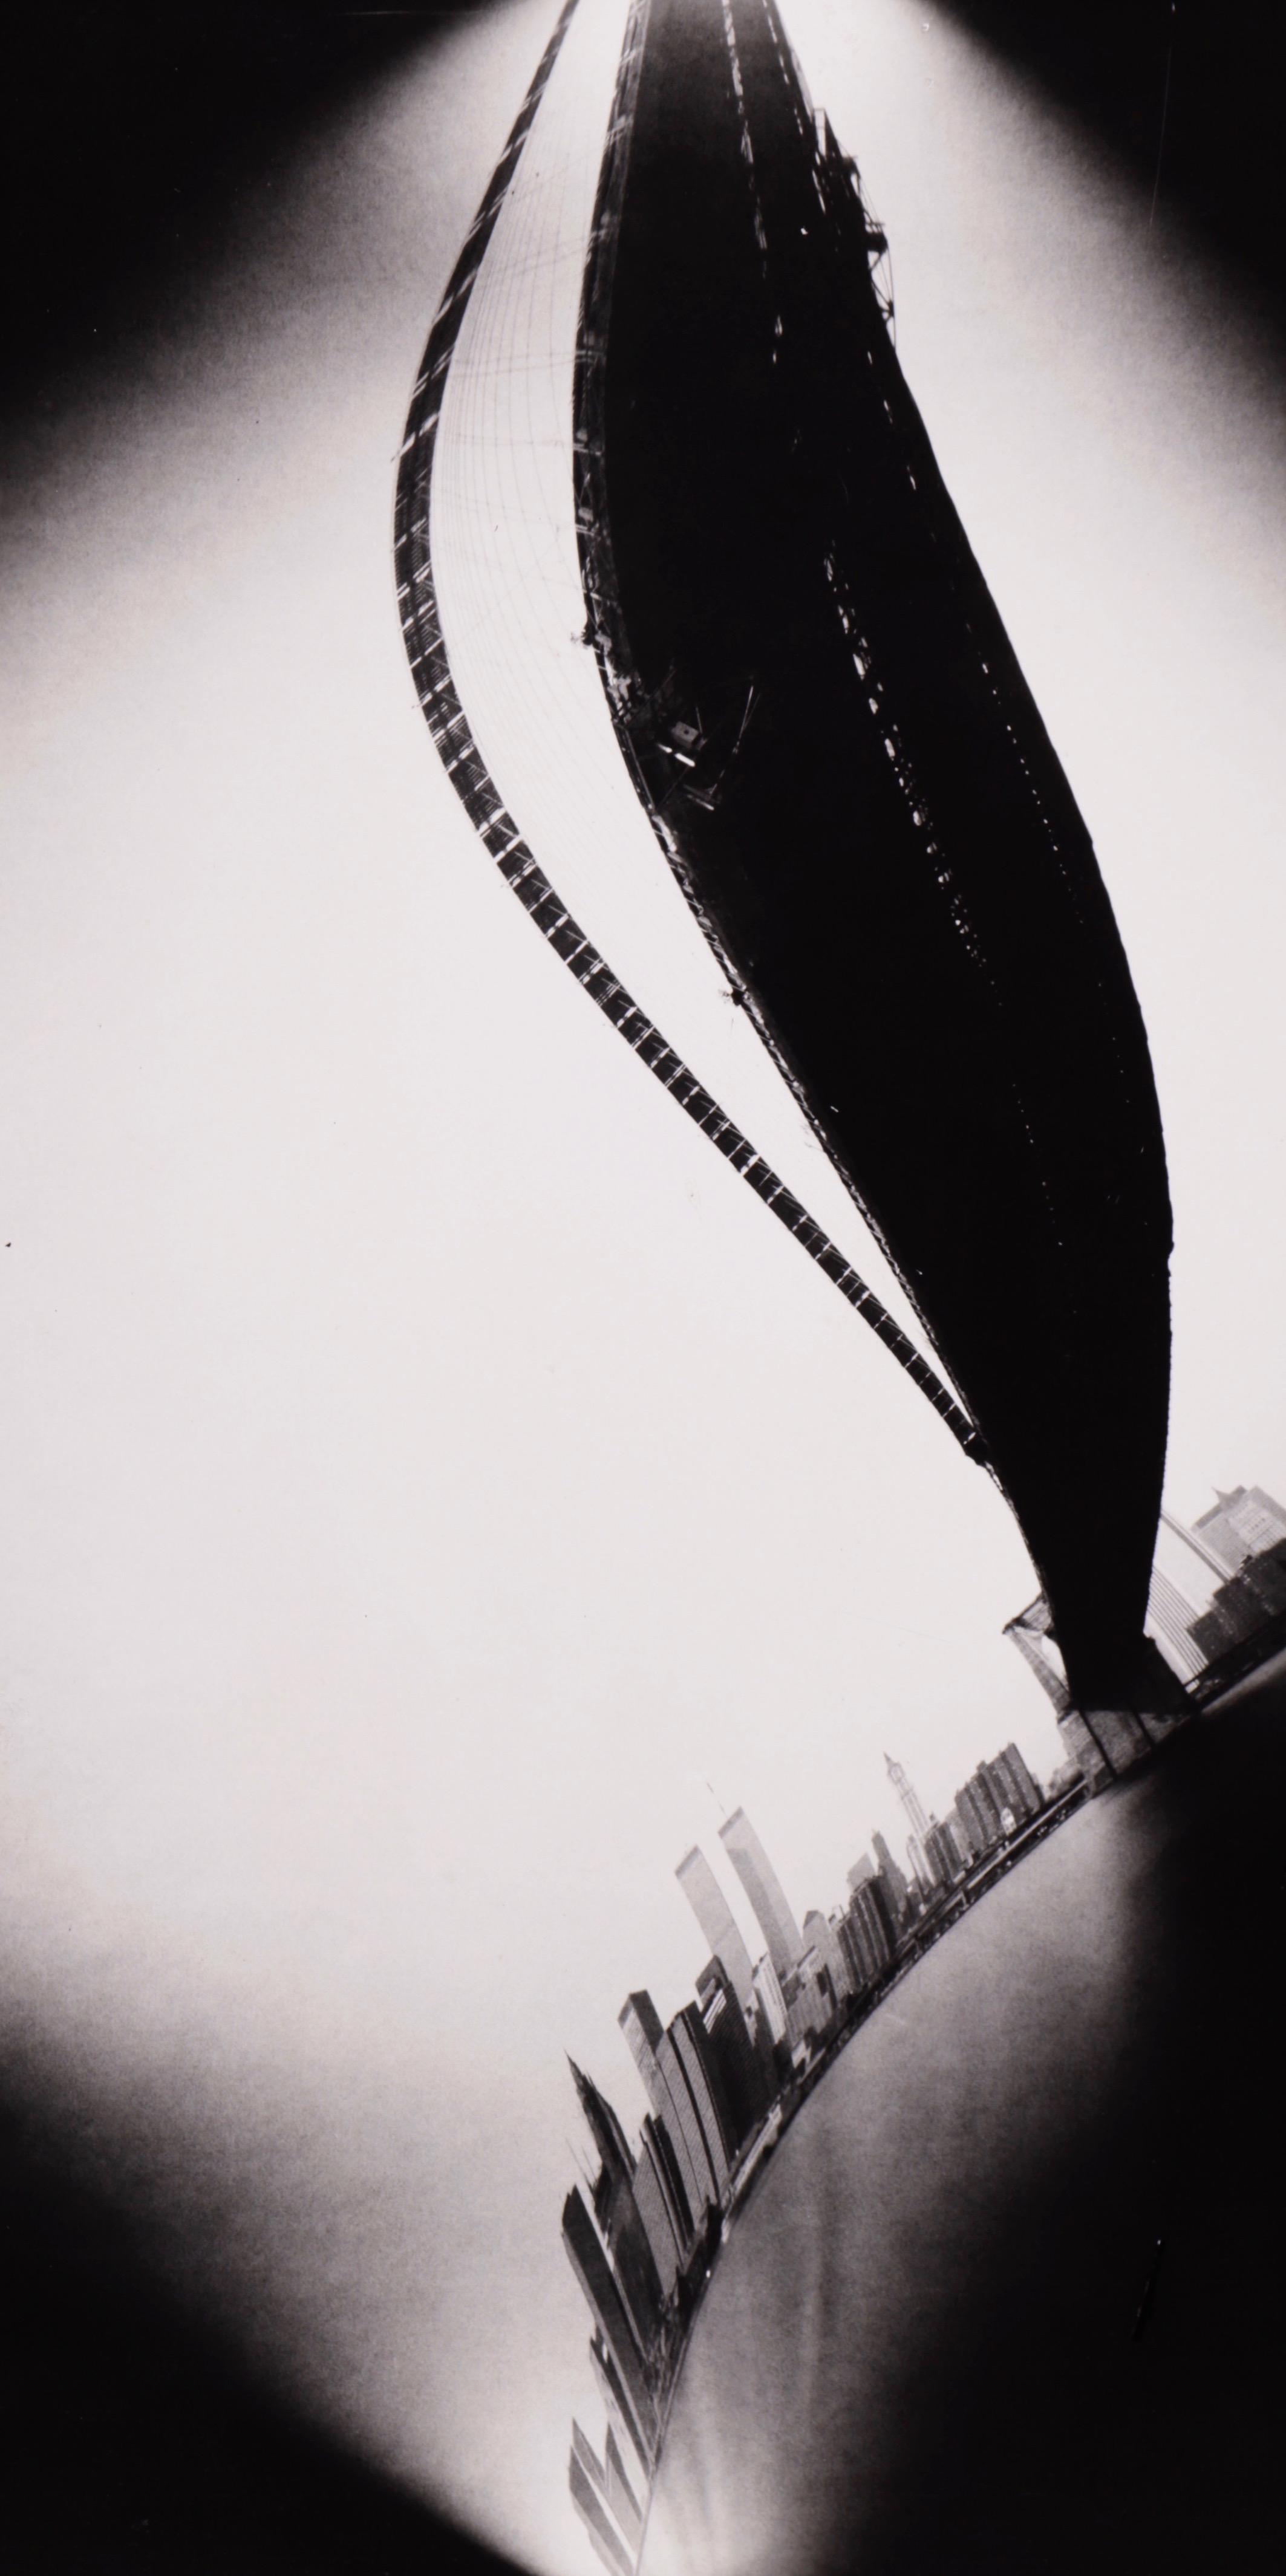 Brooklyn bridge with W.T.C.1-N.Y. (1987) - Ilan Wolff